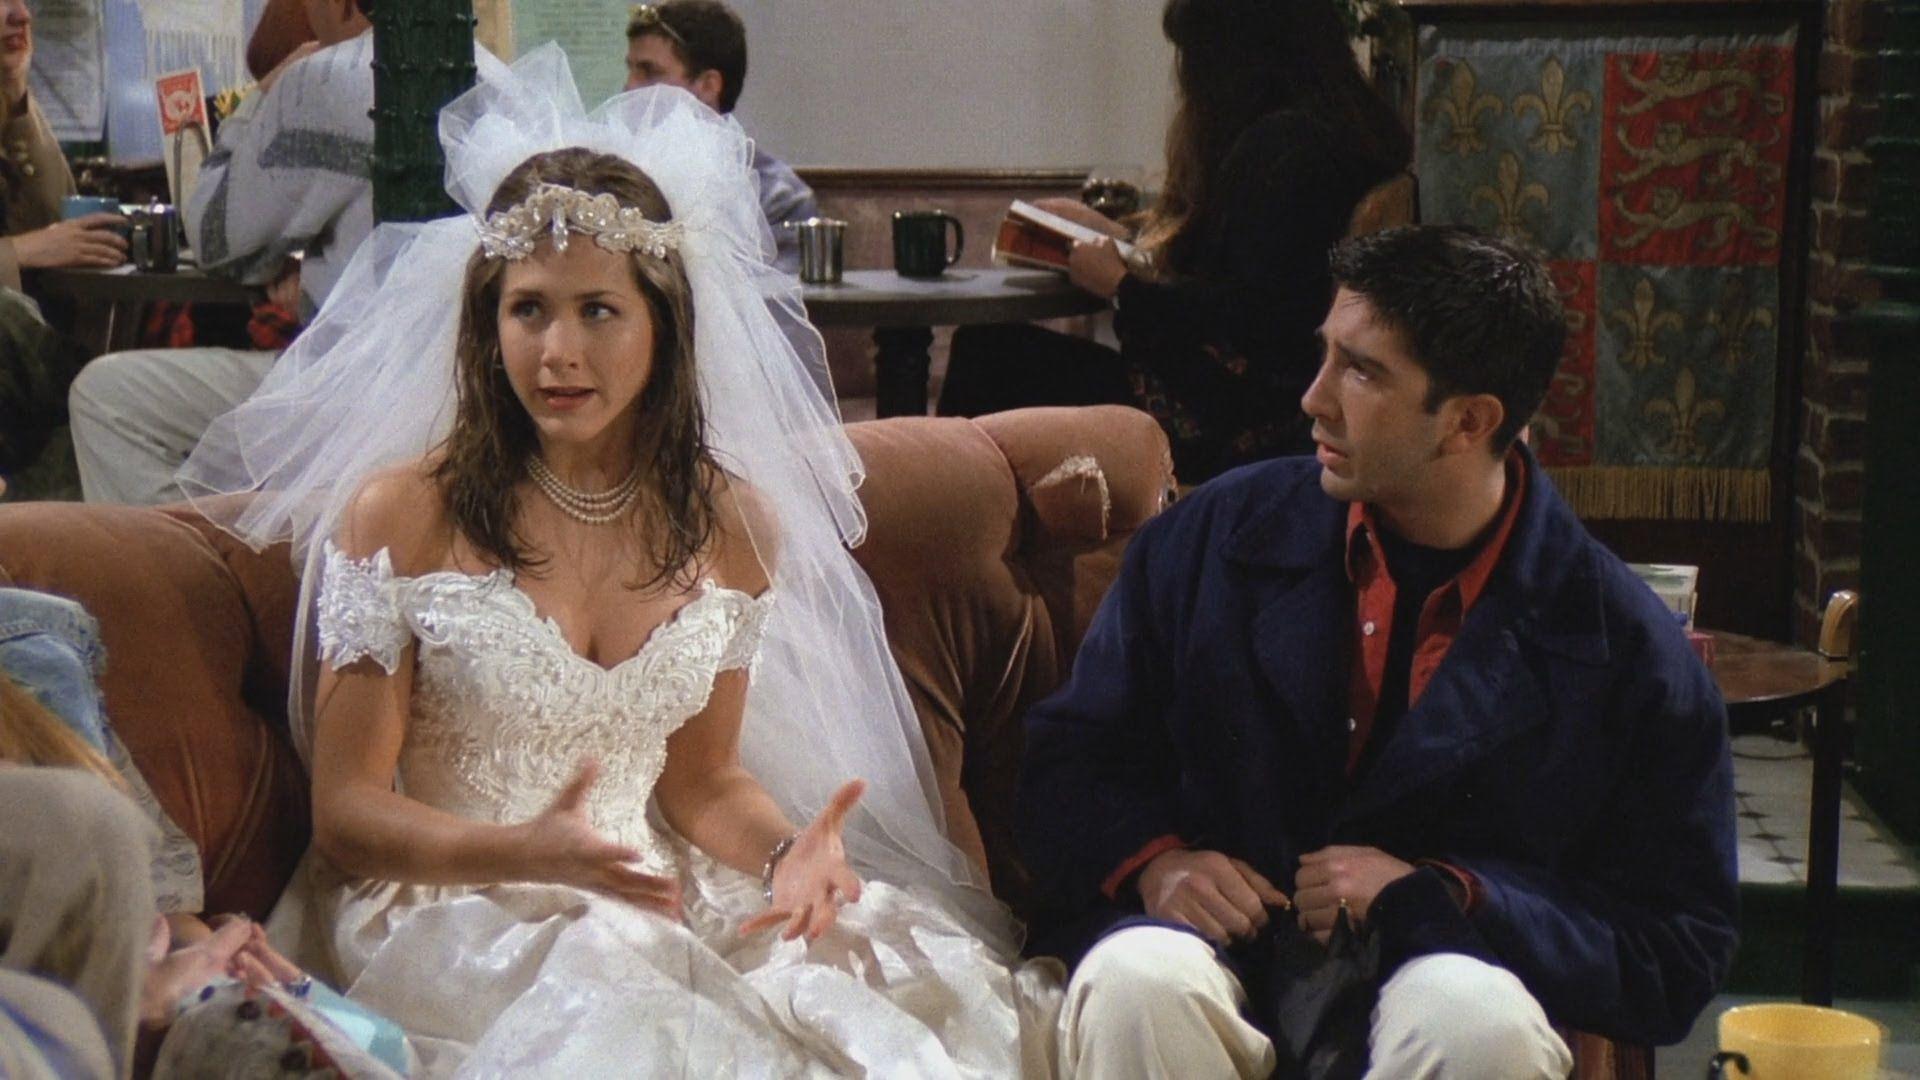 Friends Rachel Runs Away From The Wedding Friends Season 1 Ross And Rachel Rachel Friends [ 1080 x 1920 Pixel ]